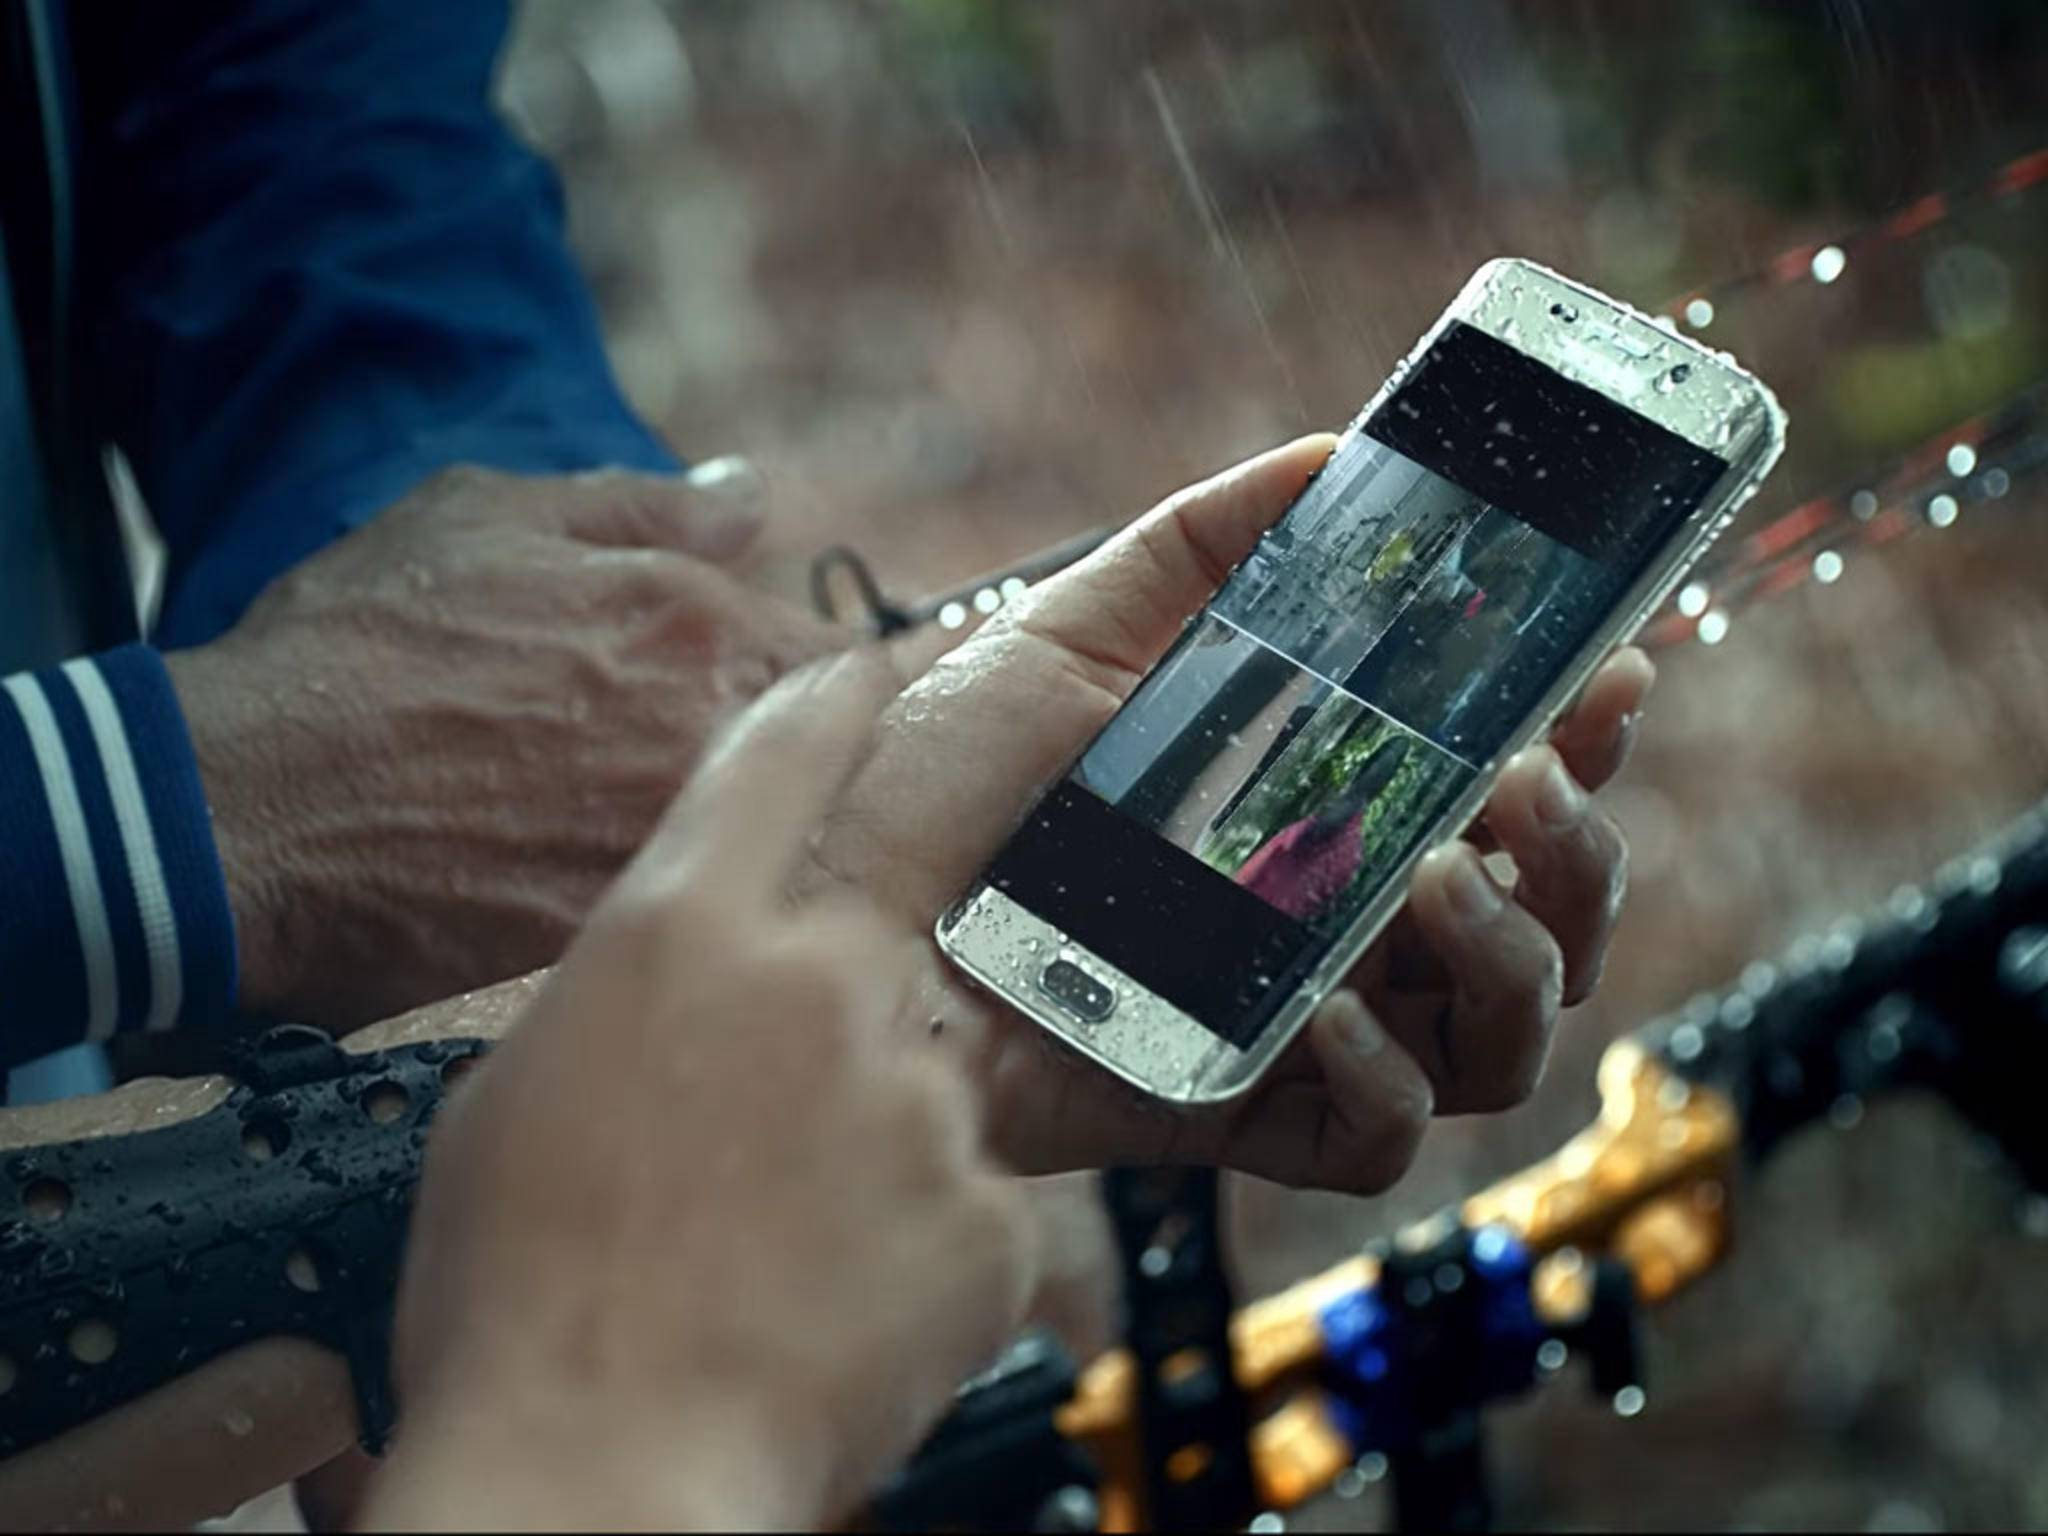 Ist das Galaxy S7 mit Qualcomm-CPU leistungsstärker als die Exynos-Version?